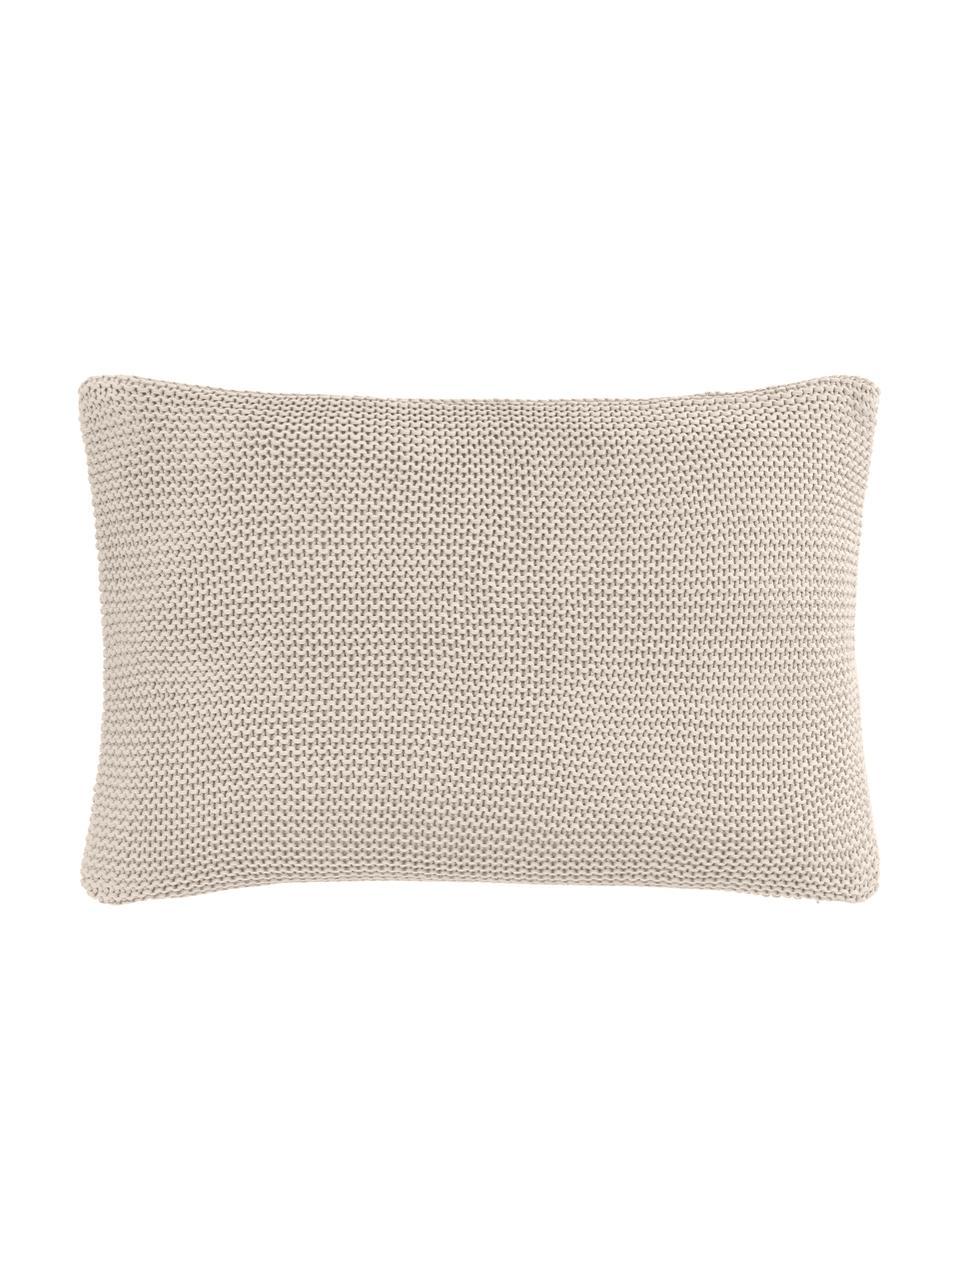 Poszewka na poduszkę z bawełny organicznej  Adalyn, 100% bawełna organiczna, certyfikat GOTS, Beżowy, S 30 x D 50 cm